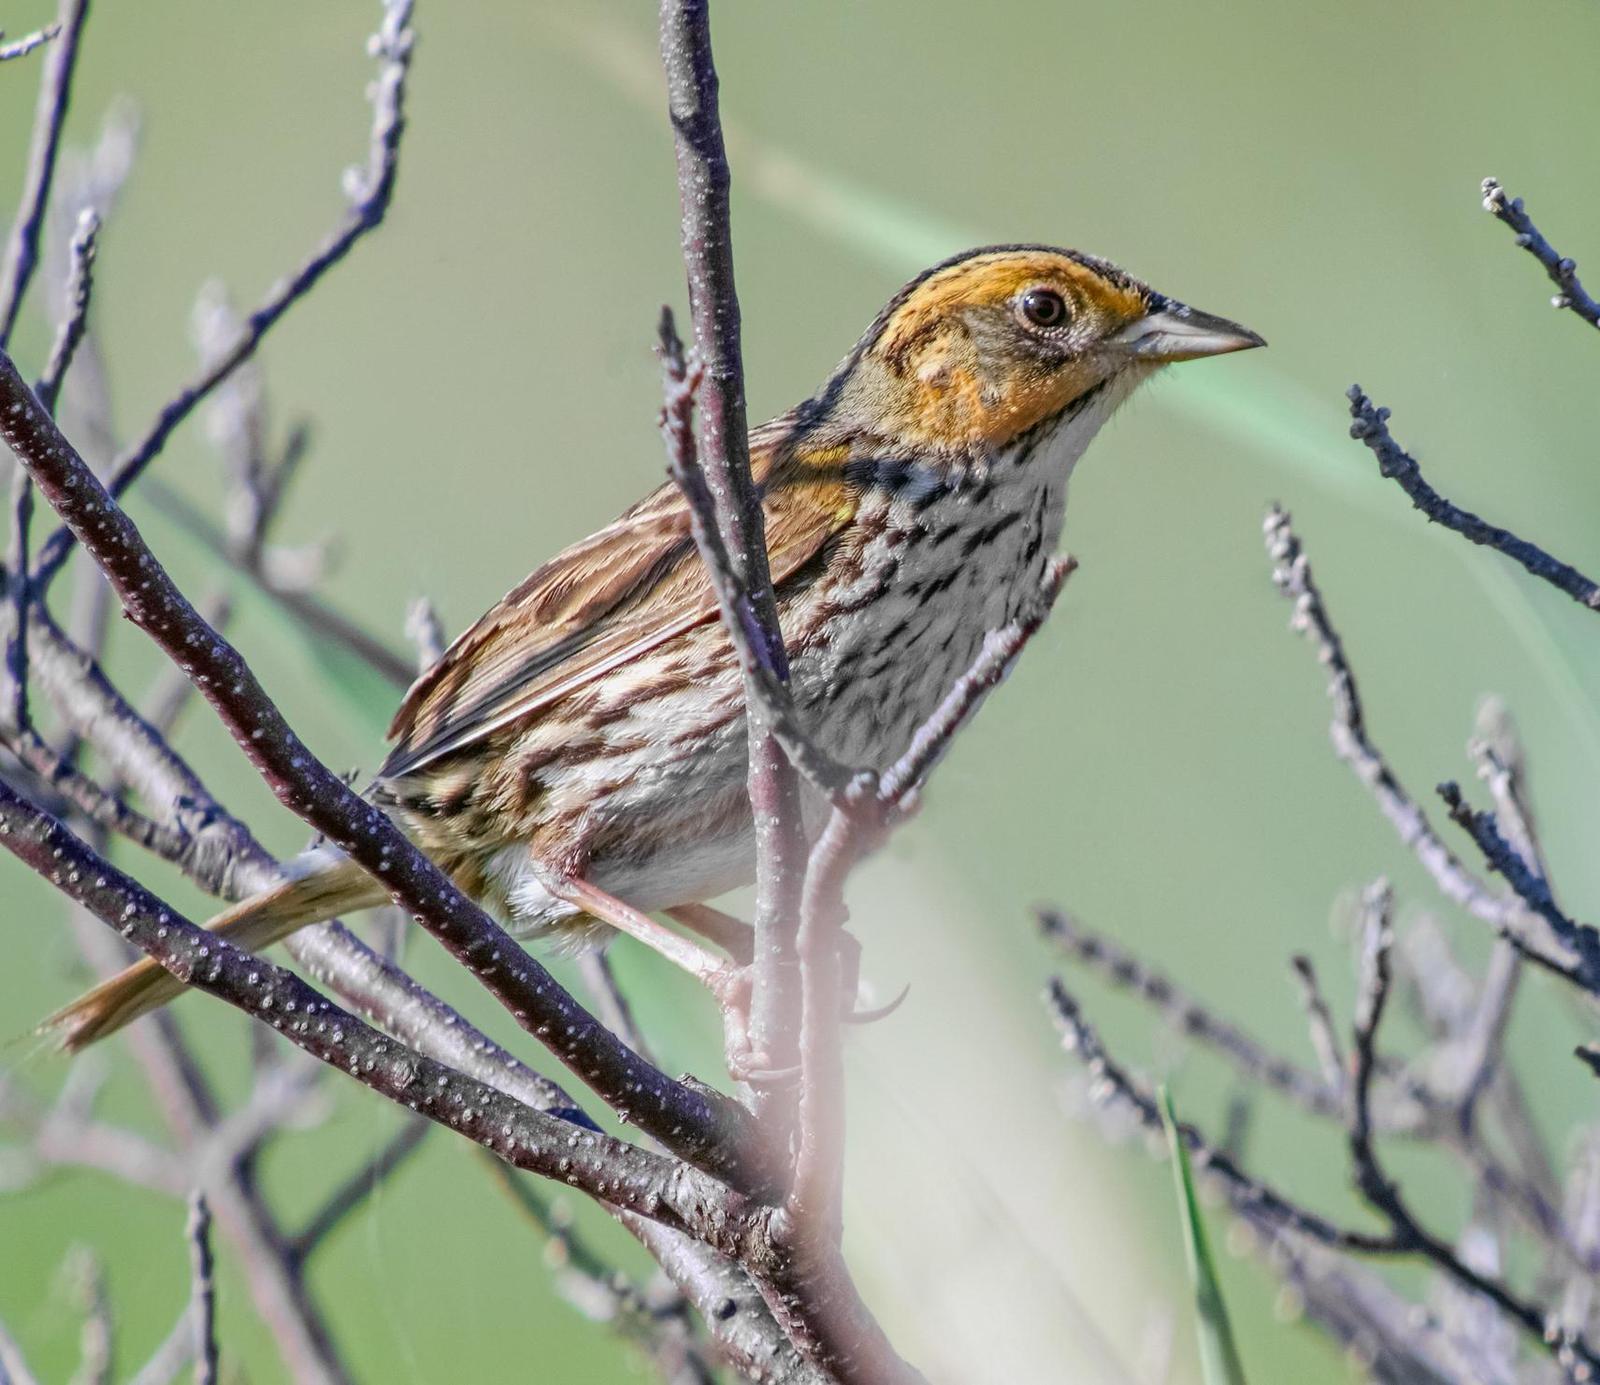 Saltmarsh Sparrow Photo by Joseph Pescatore